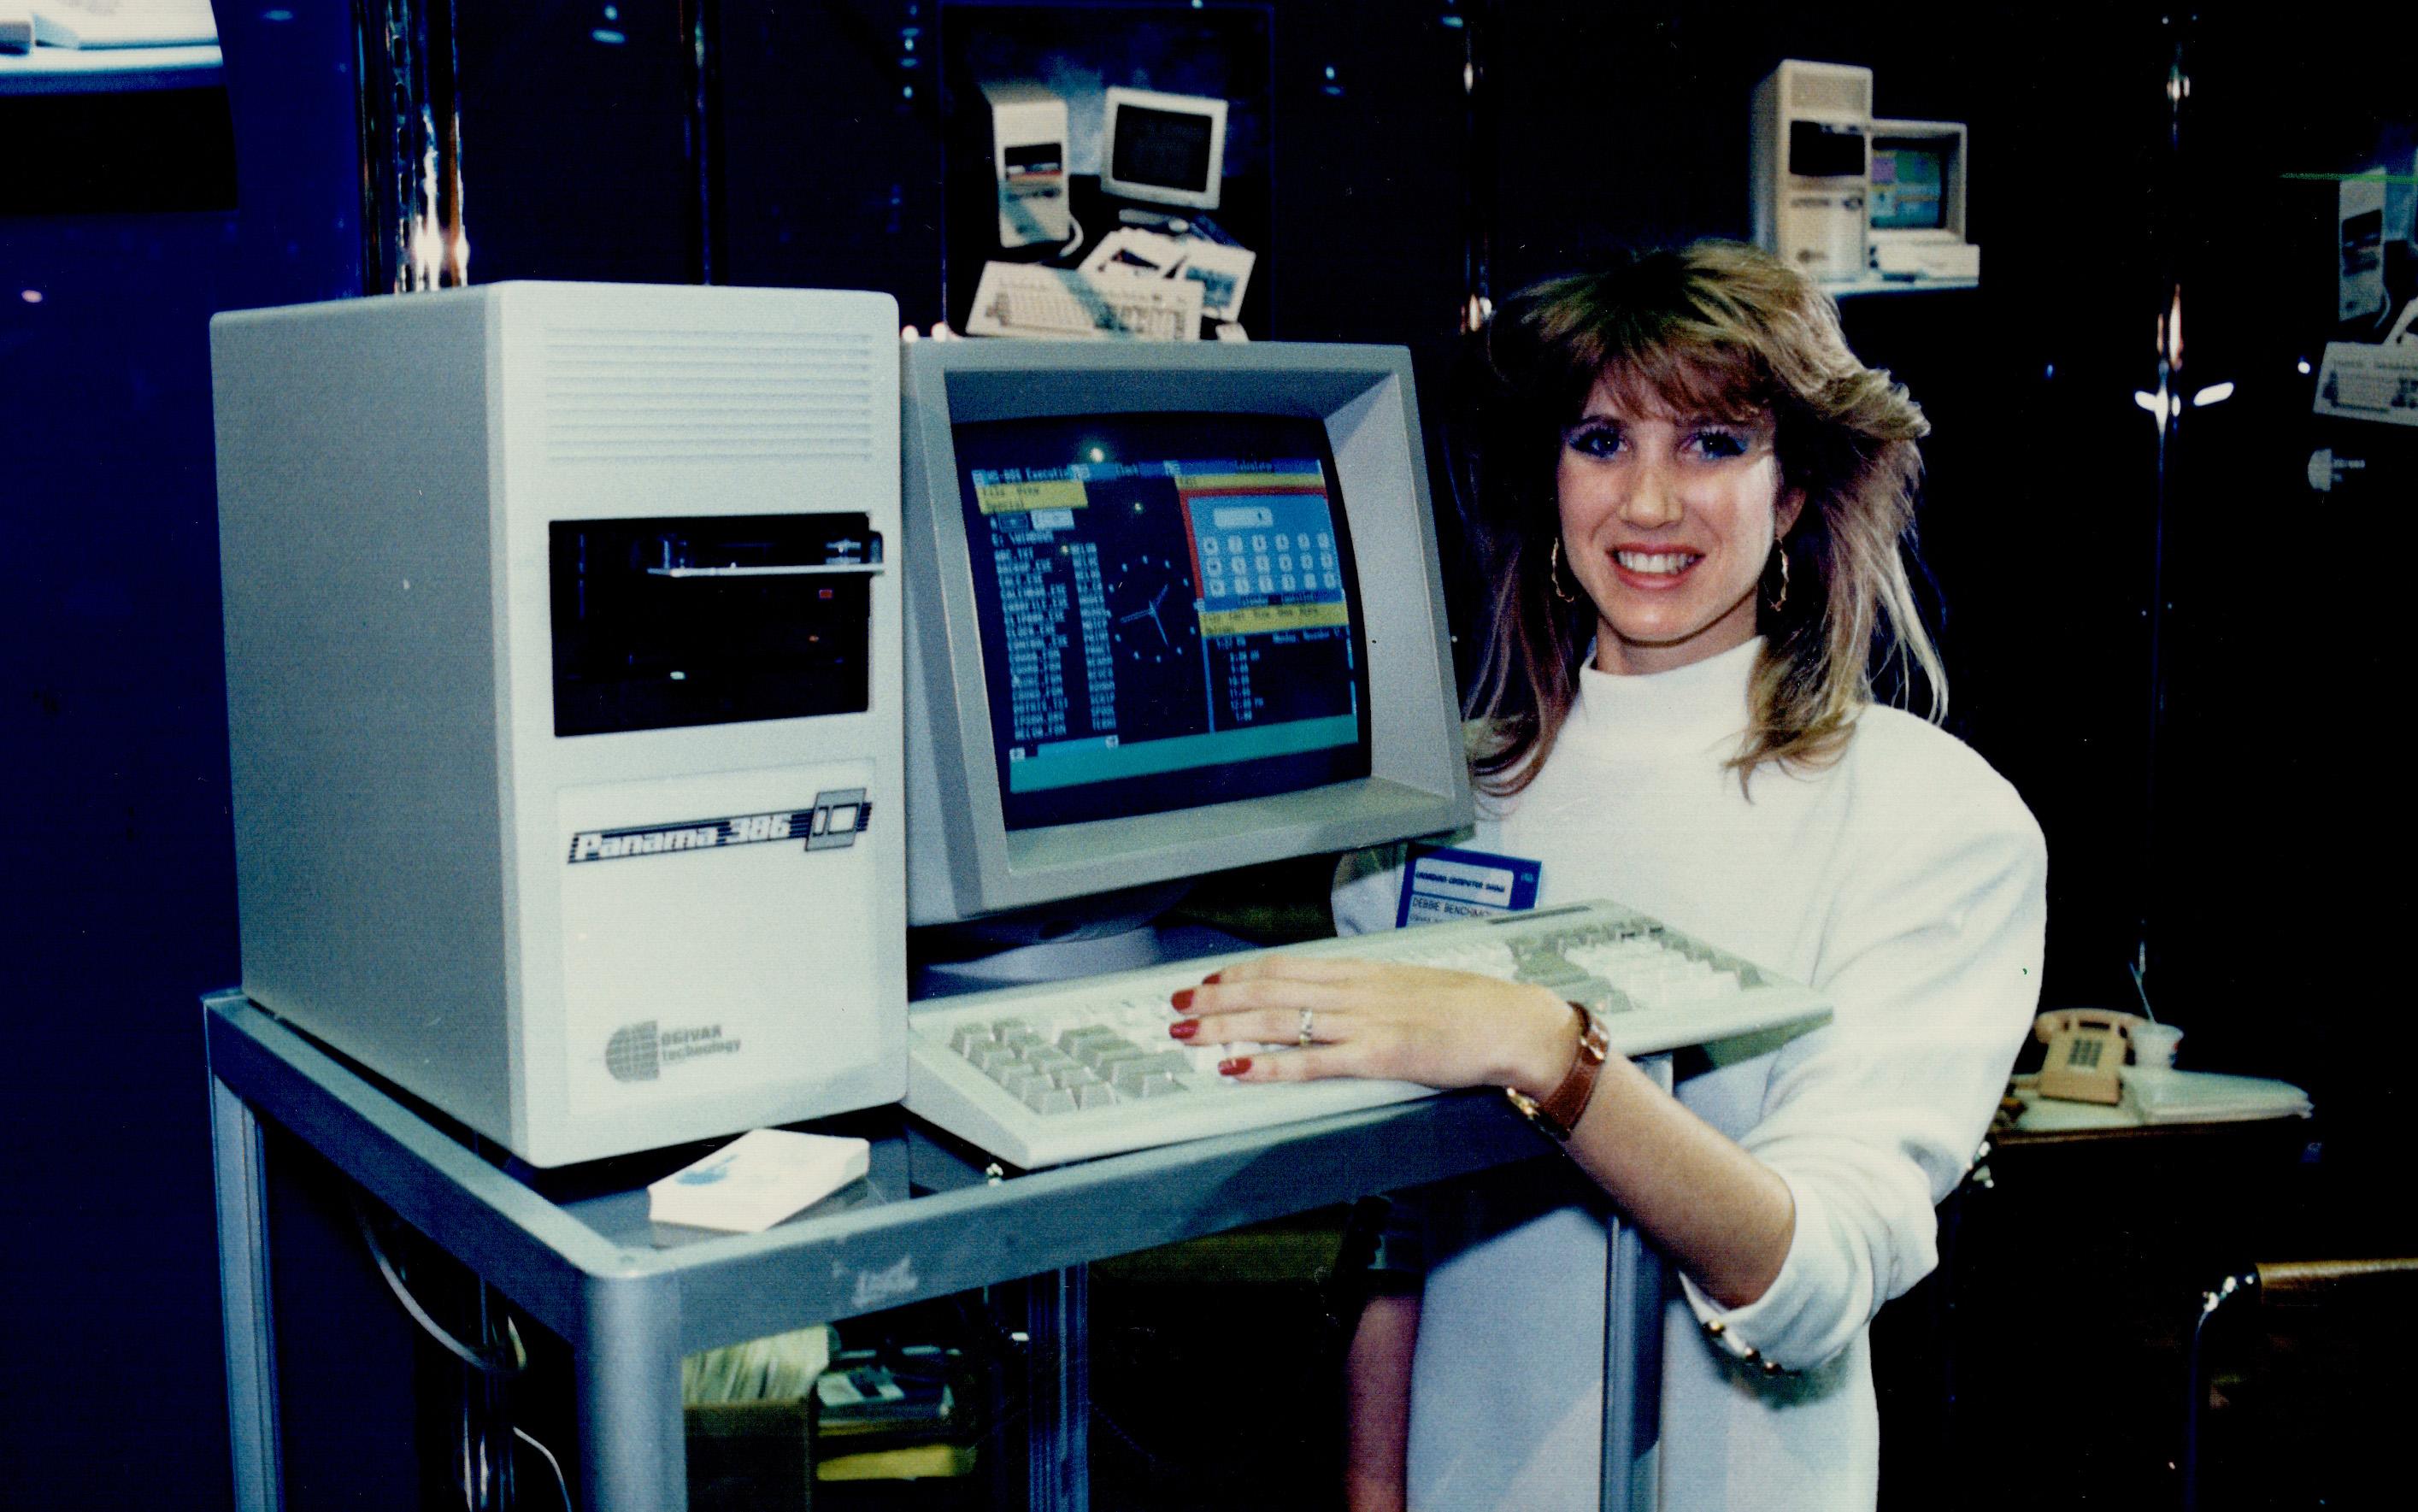 Windows running on an Ogivar computer